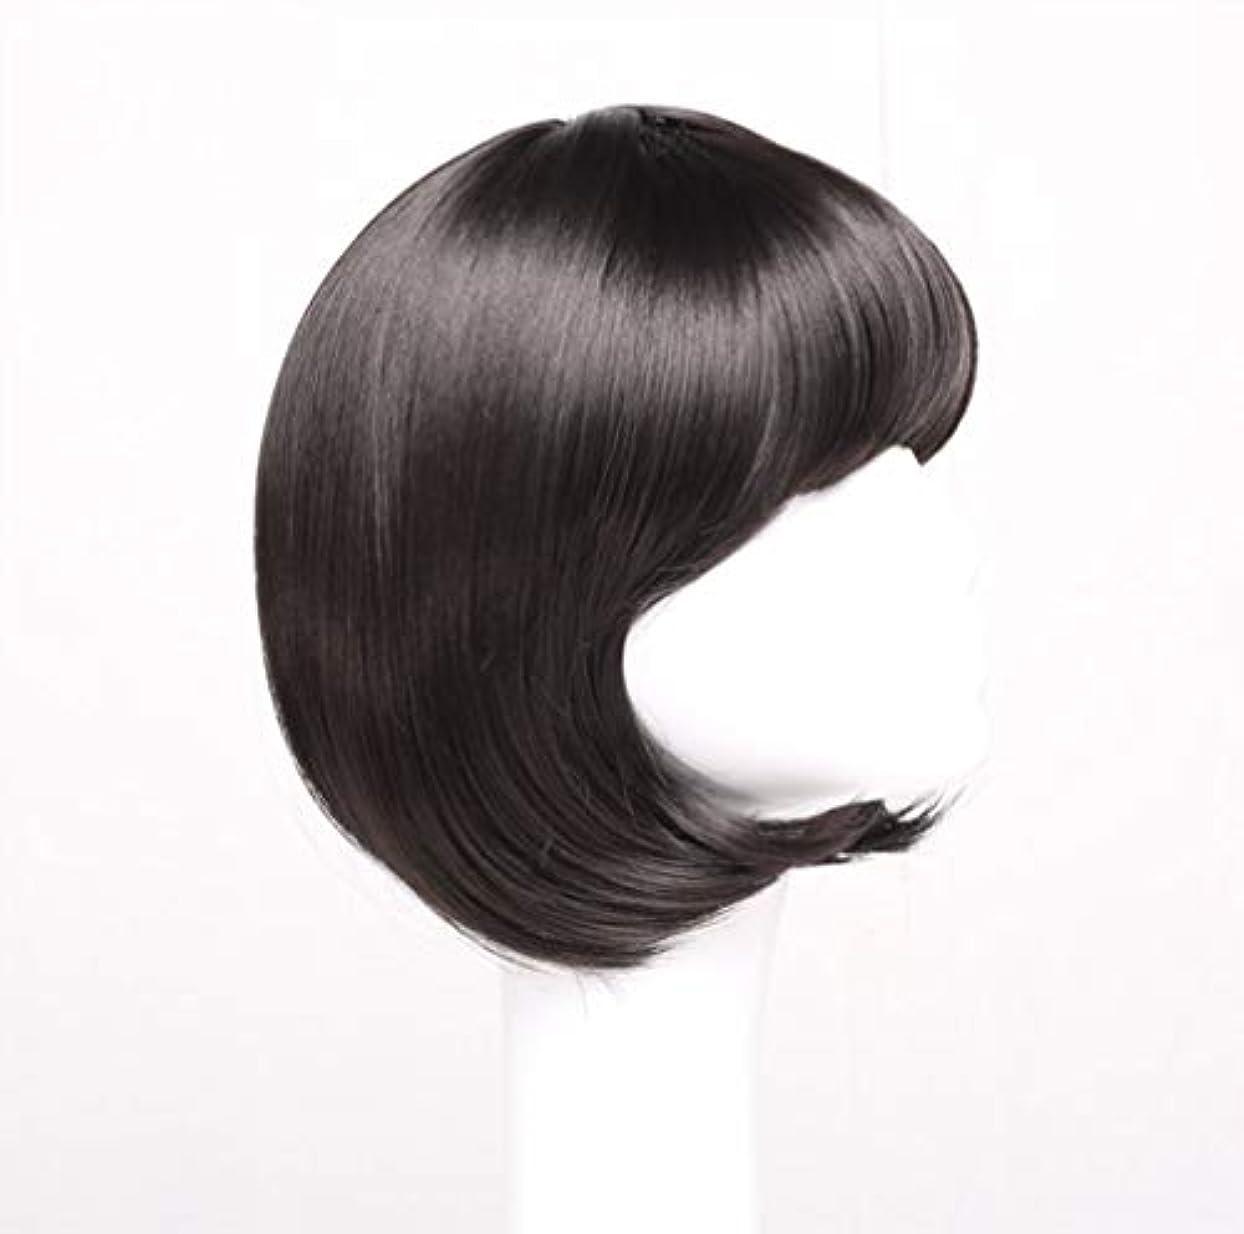 中庭セットアップひそかに女性かつらショートボブ波状マイクロ巻き毛合成毎日パーティーかつらとして本物の髪+無料かつらキャップ